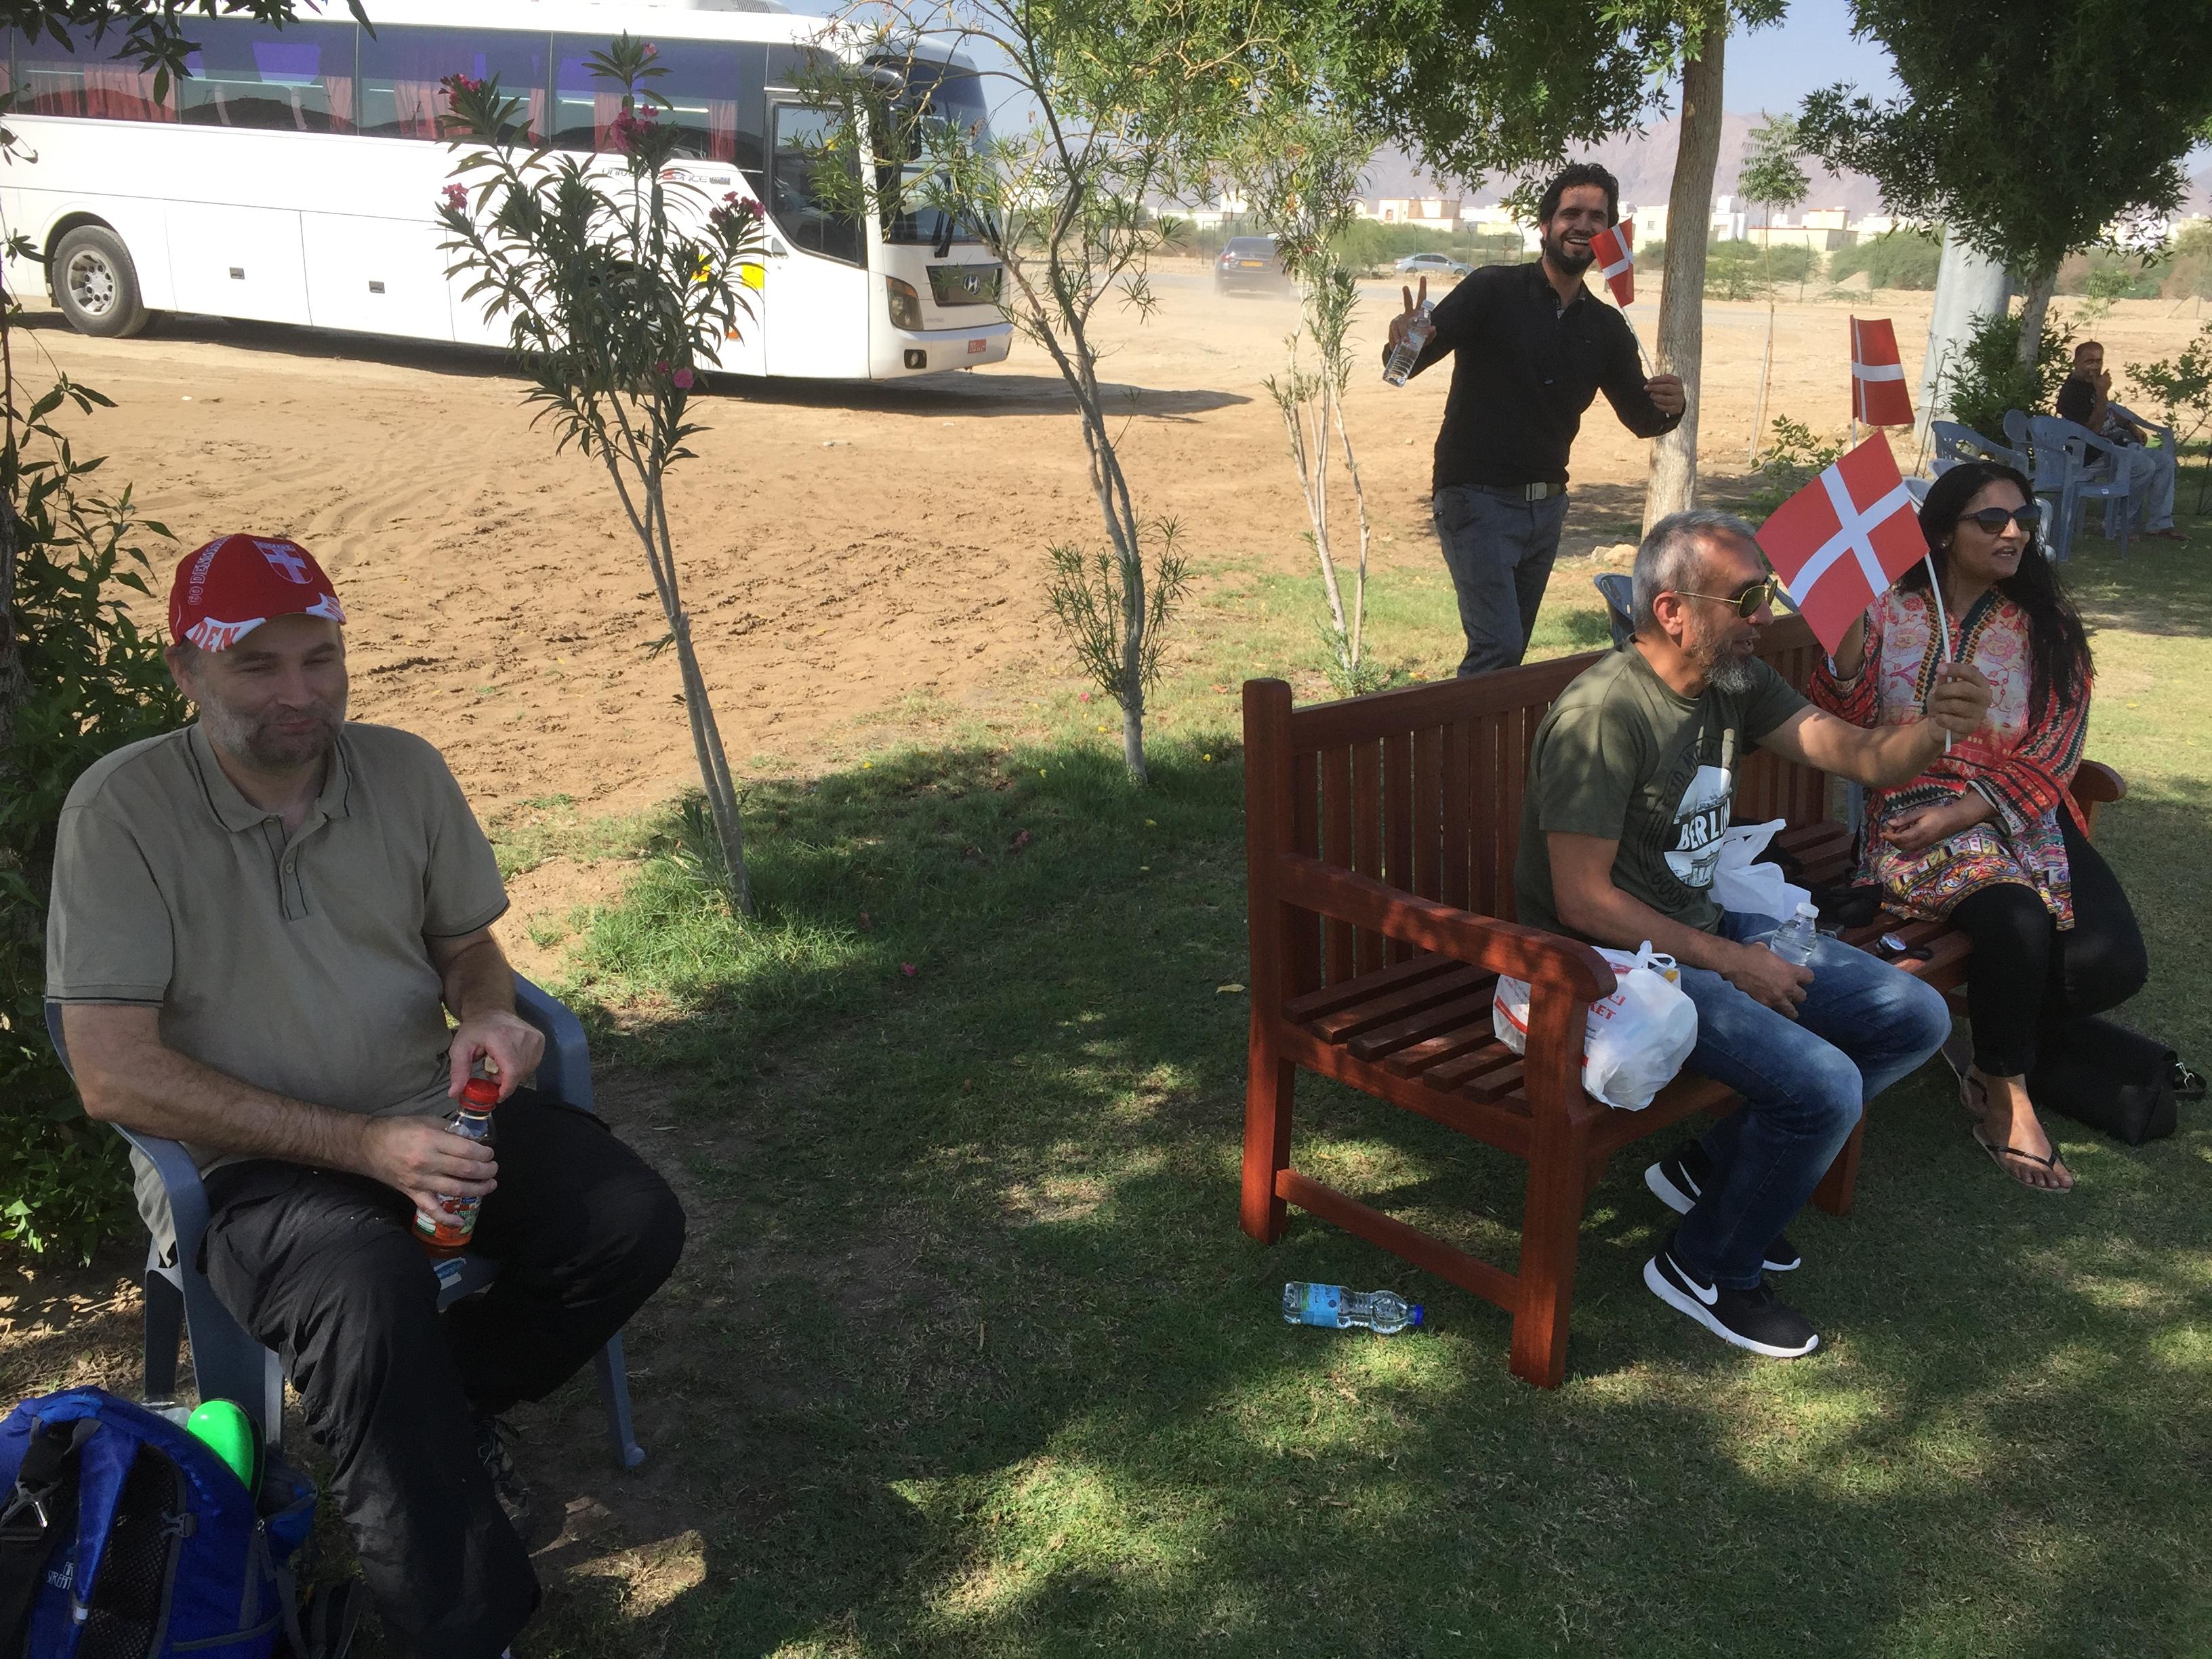 Det danske hold gav Oman en lige kamp 6